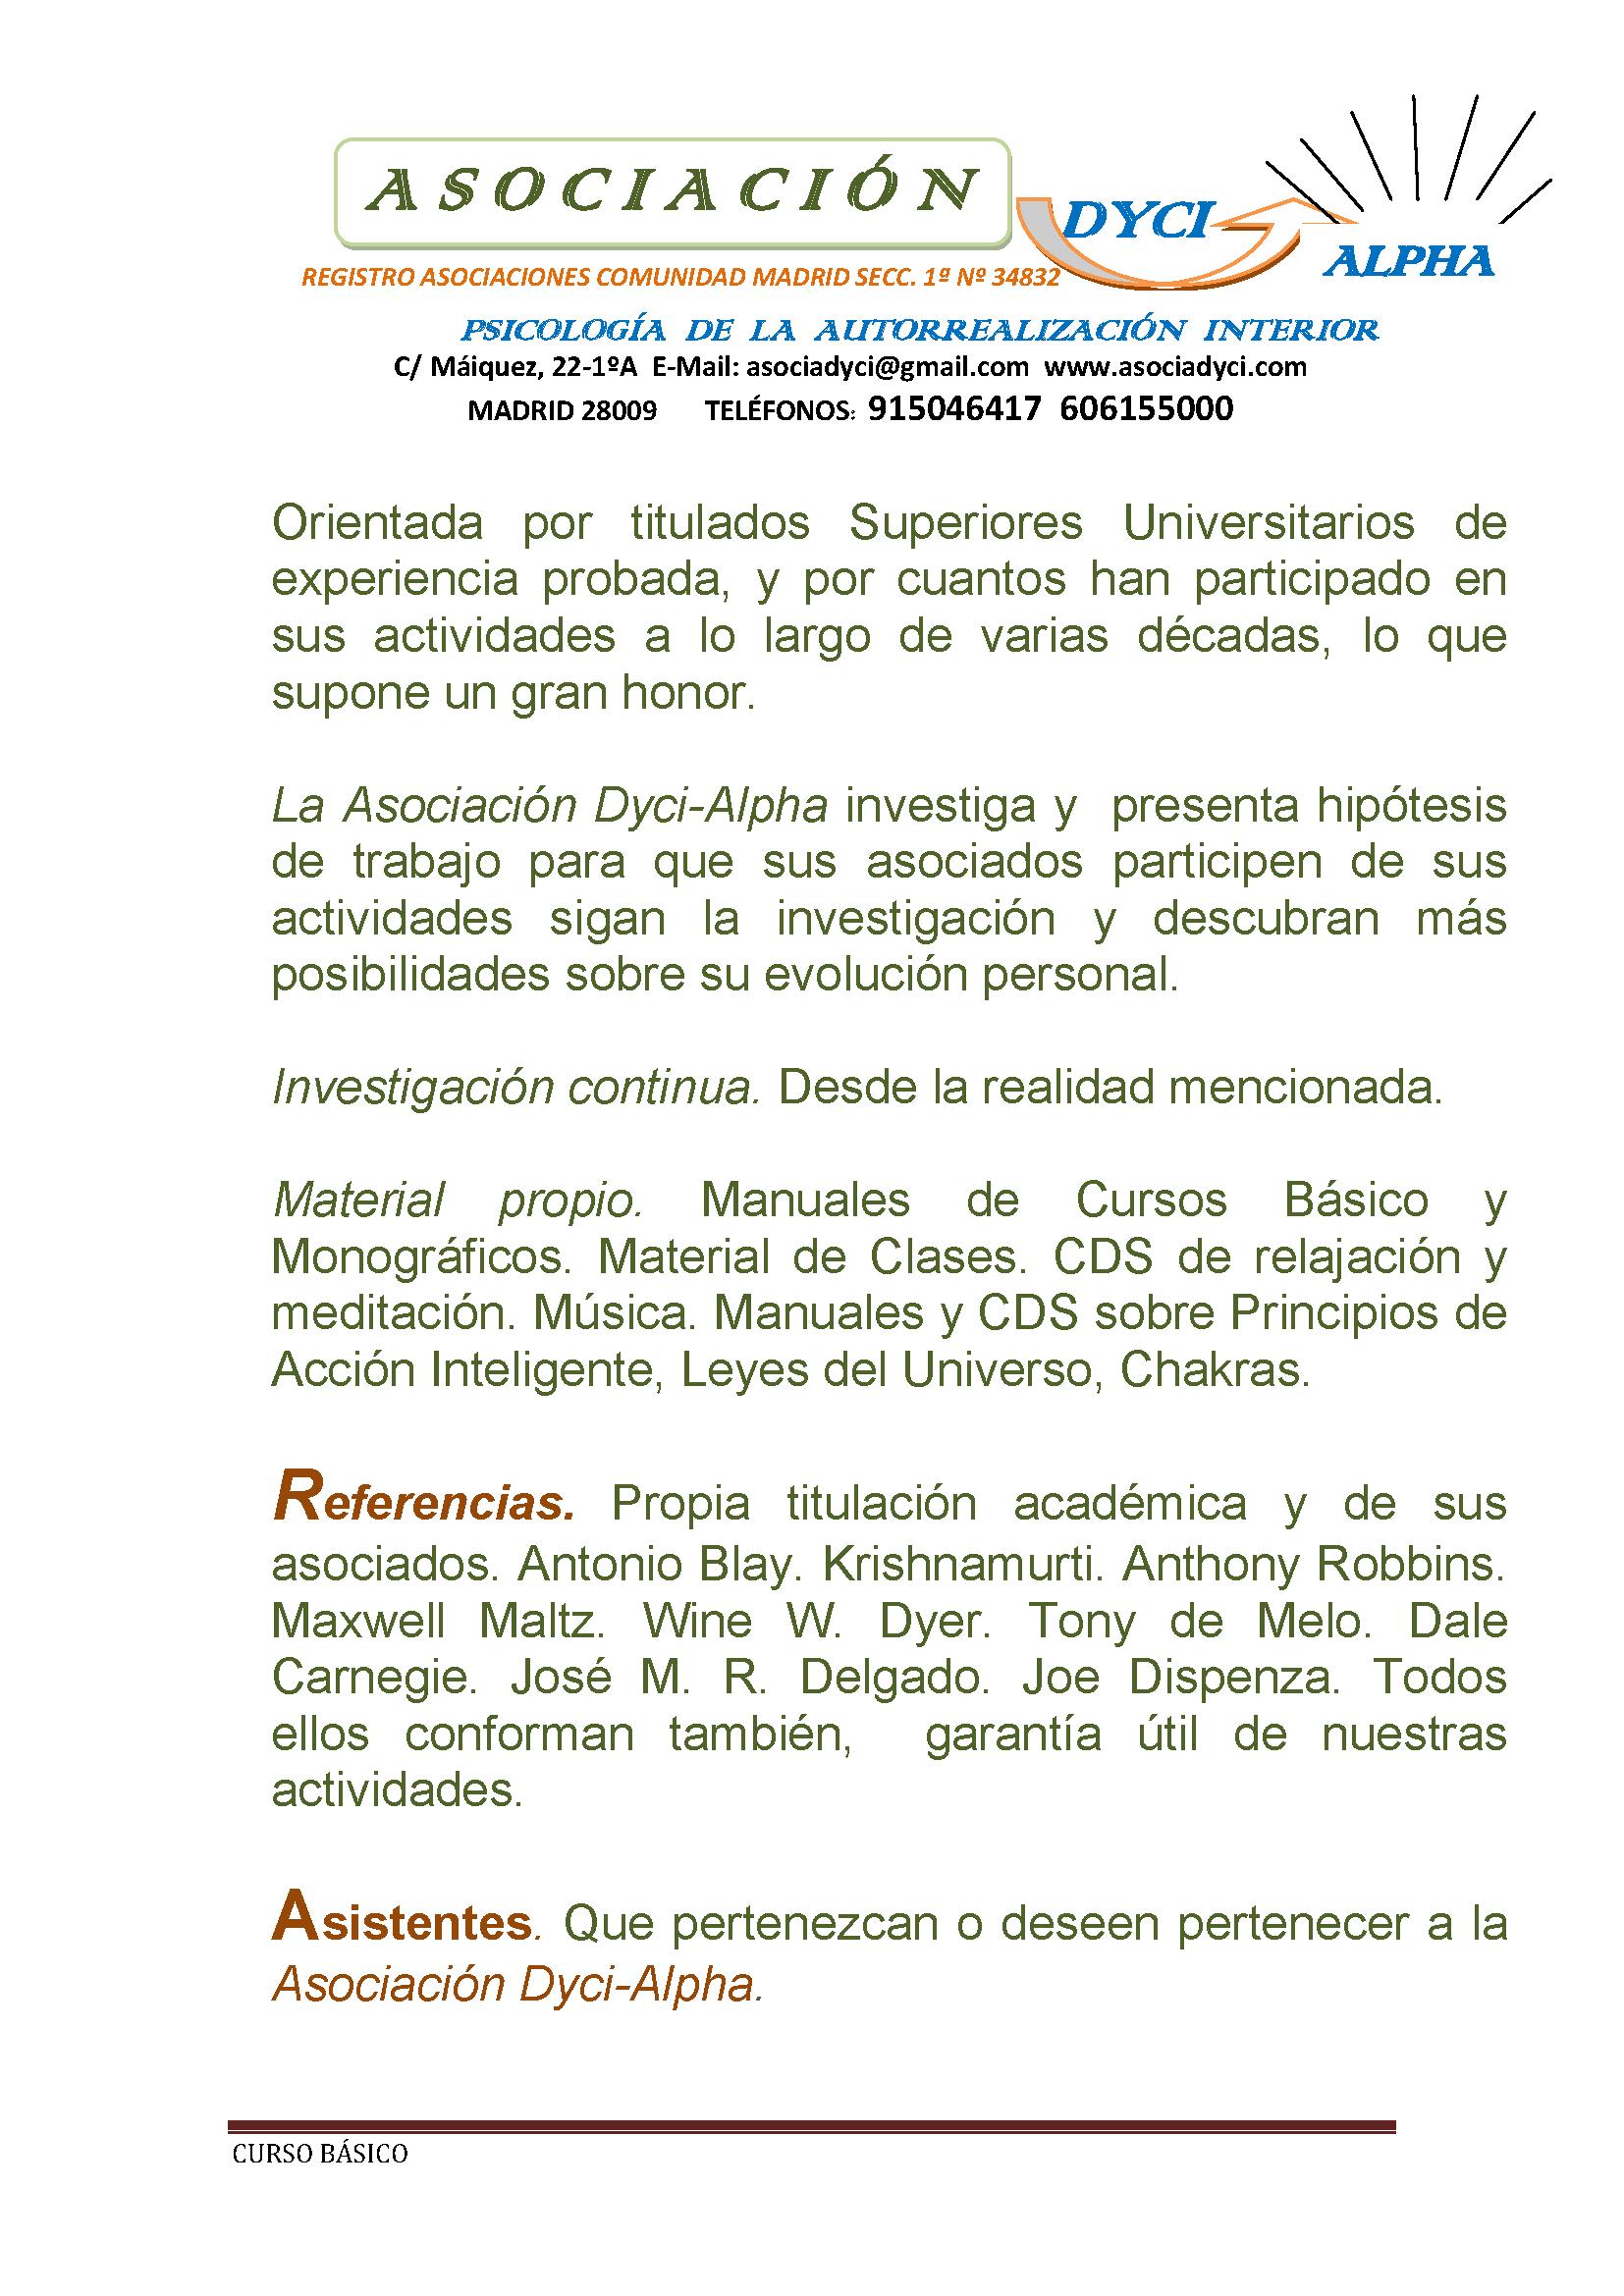 Presentación-Curso-Básico-04